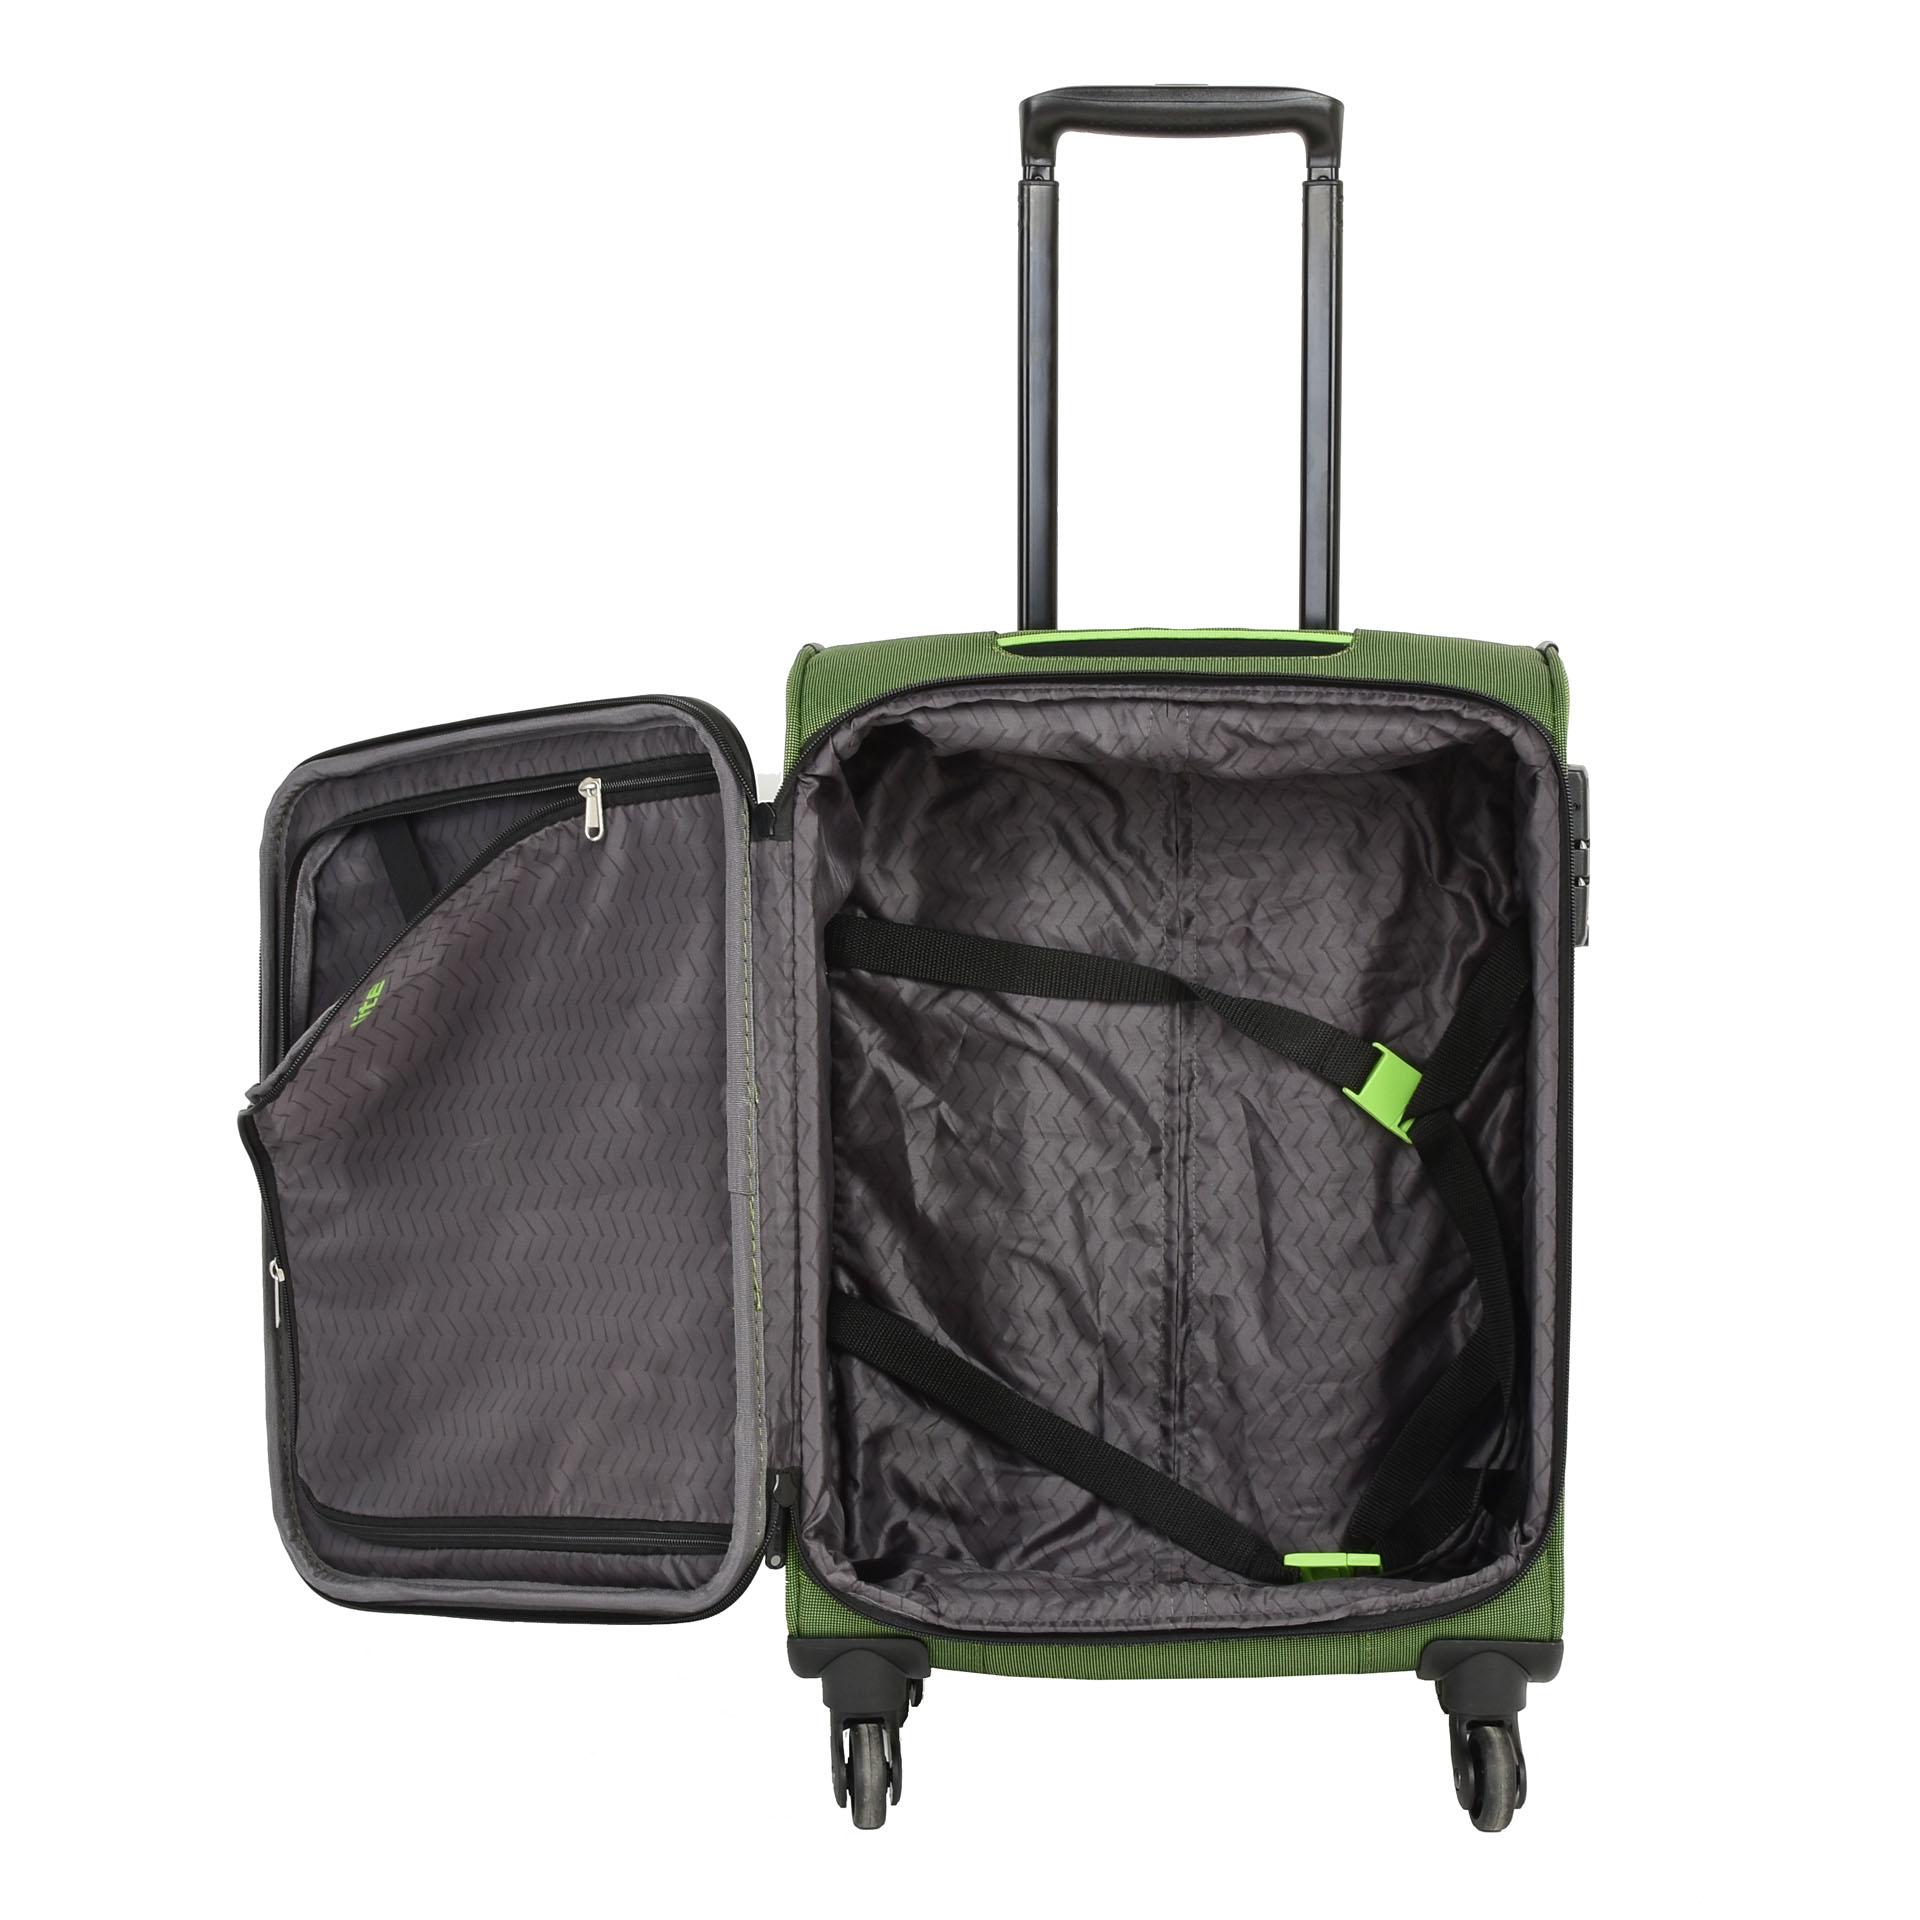 Travelite Derby 4w S Green Kvalitný, moderne spracovaný a extra ľahký kufor Travelite Derby z odolného materiálu poslúži všetkým dobrodruhom, ktorí často a radi cestujú do vzdialenejších destinácií a nenechajú si ujsť ani víkendové pobyty.  - kvalitné komfortné kolieska otočné o 360° - odľahčená kovová rukoväť s aretáciou a plastovým úchytom - integrovaný TSA zámok - expandér pre jednoduché navýšenie objemu u veľkostí - samostatná vnútorná priehradka na košele - kompresné popruhy uľahčujúce balenie - dve veľké predné vrecká na zips - dve madlá pre lepšiu manipuláciu - spevnené hrany - moderný dizajn a svieže farby - popruh pre nasunutie na madlo u kufra - kufor spĺňa rozmery pre palubnú batožinu väčšiny leteckých spoločností